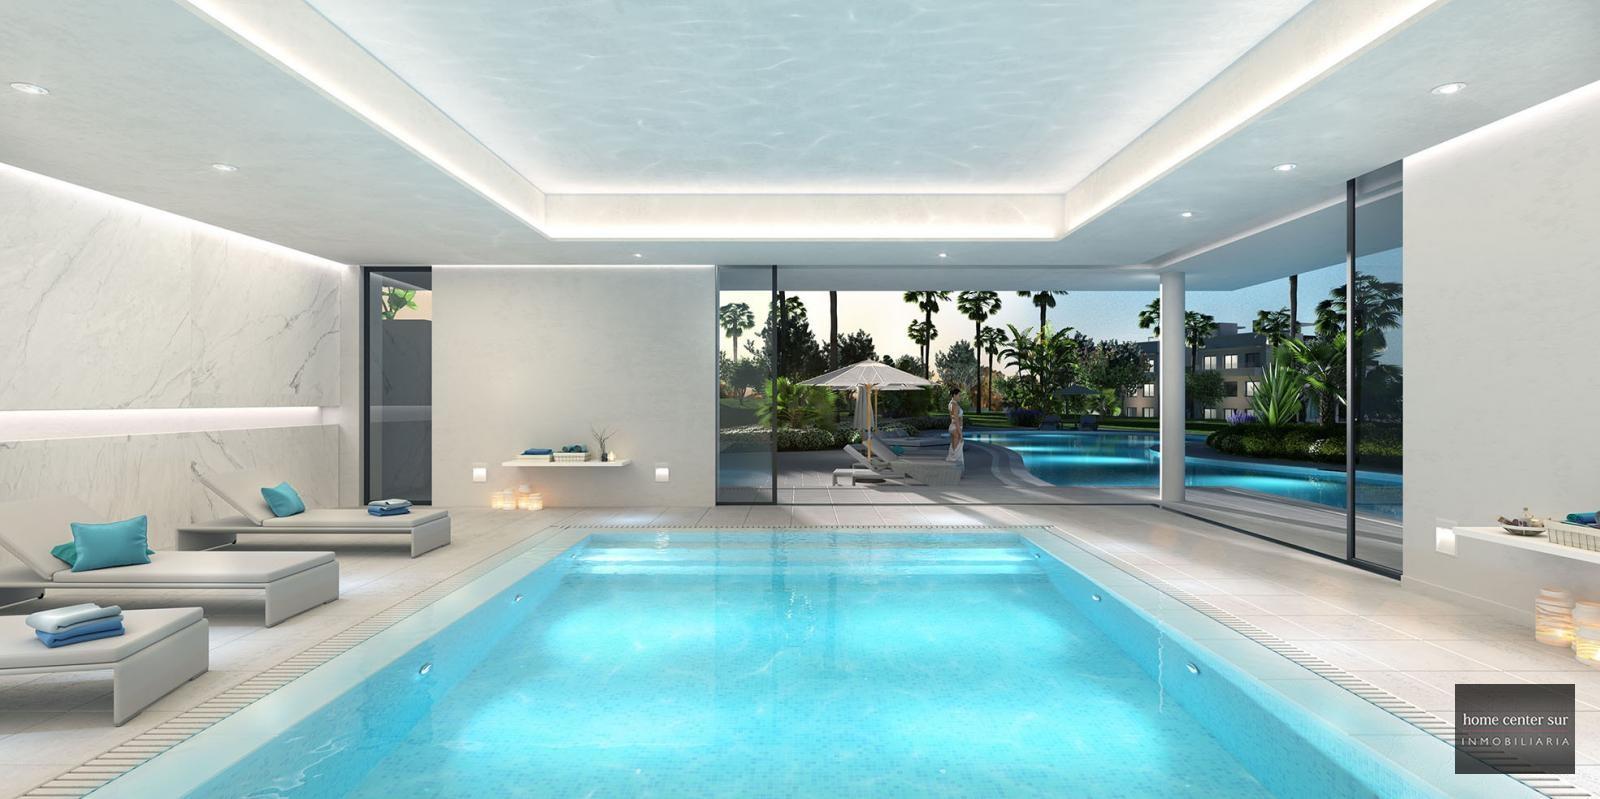 Apartamento venta a estrenar en Diseminado el Barronal (Benahavís), 585.000 €